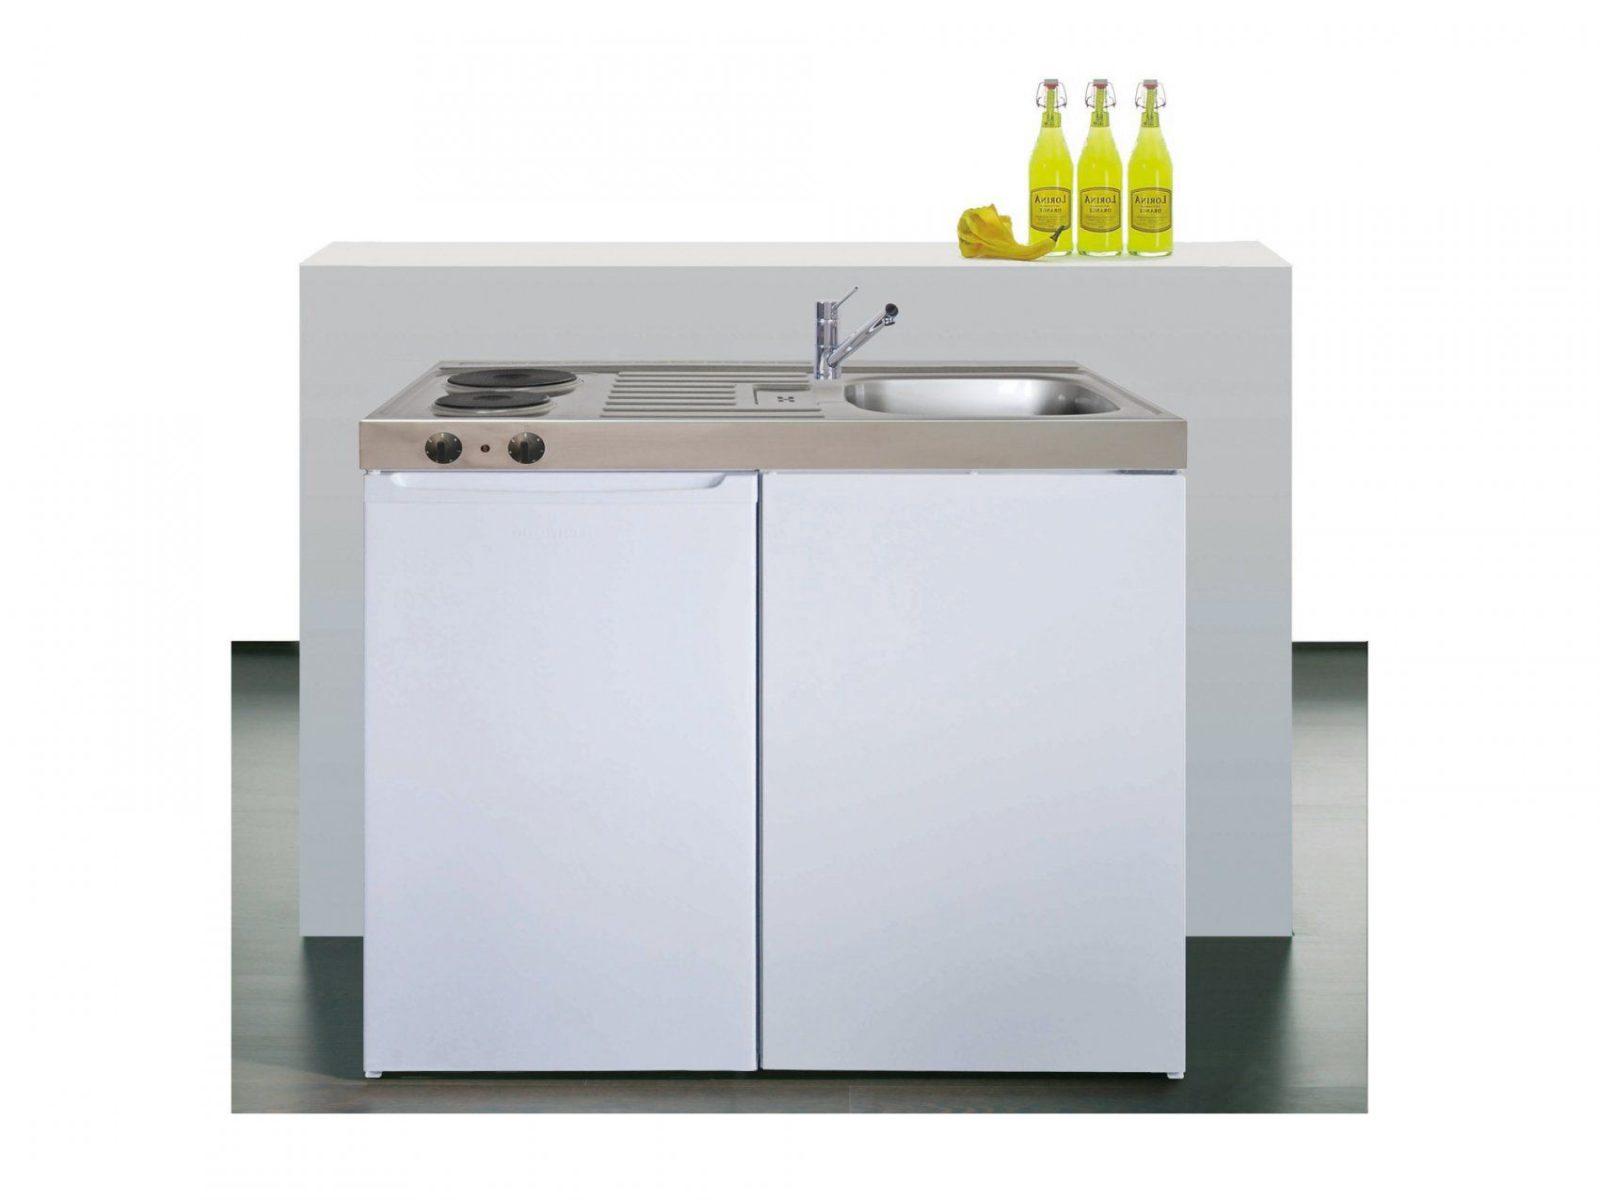 Pantryküche Mit Kühlschrank Ke95 – Hitoiro von Pantryküche 100 Cm Mit Kühlschrank Bild